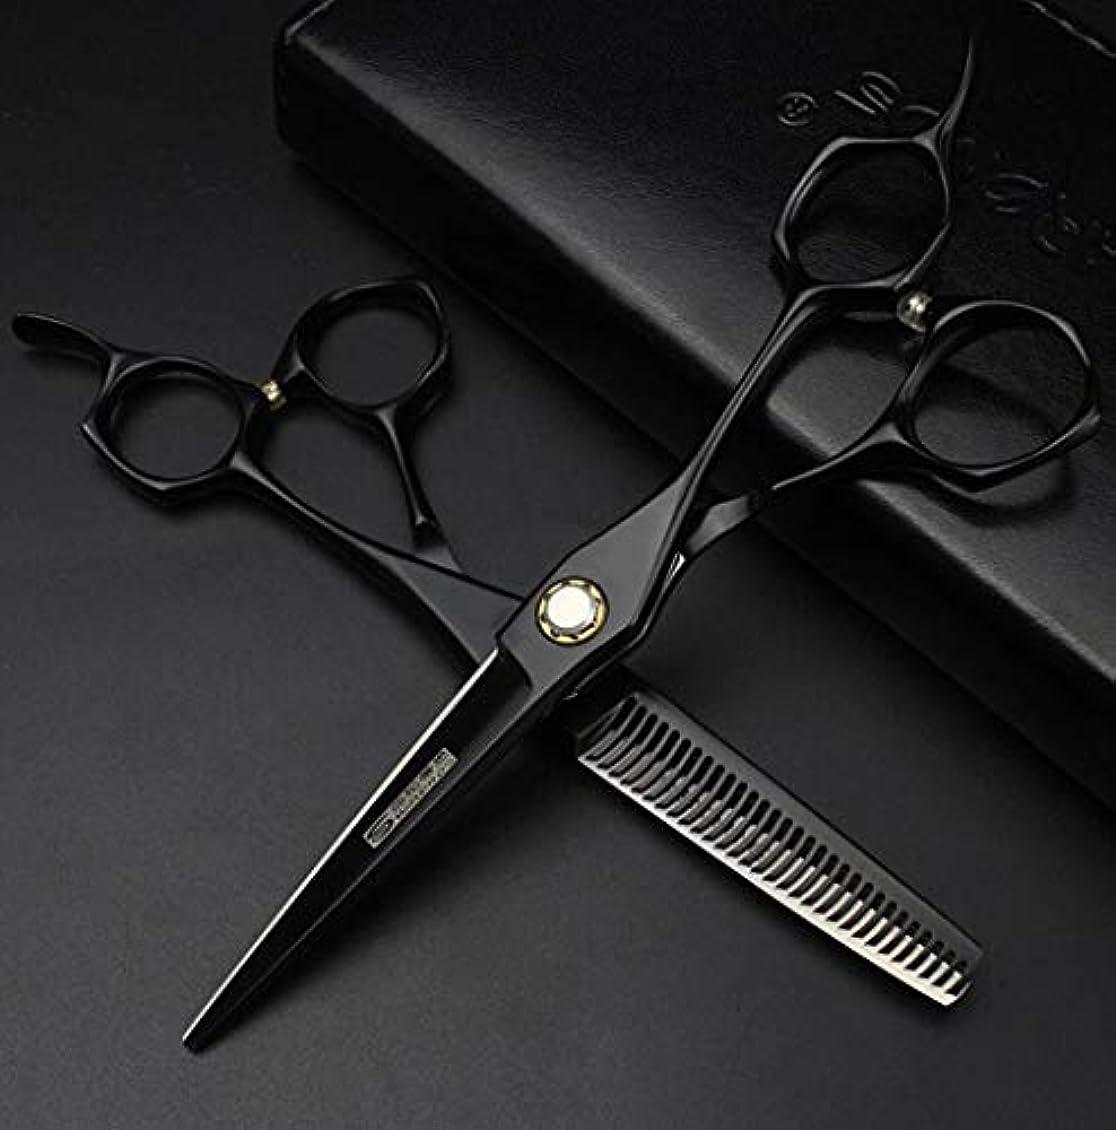 罰するミンチパンフレット6.0インチプロフェッショナル理髪はさみサロン美容院ヘアトリムとカット間伐440c高硬度はさみ